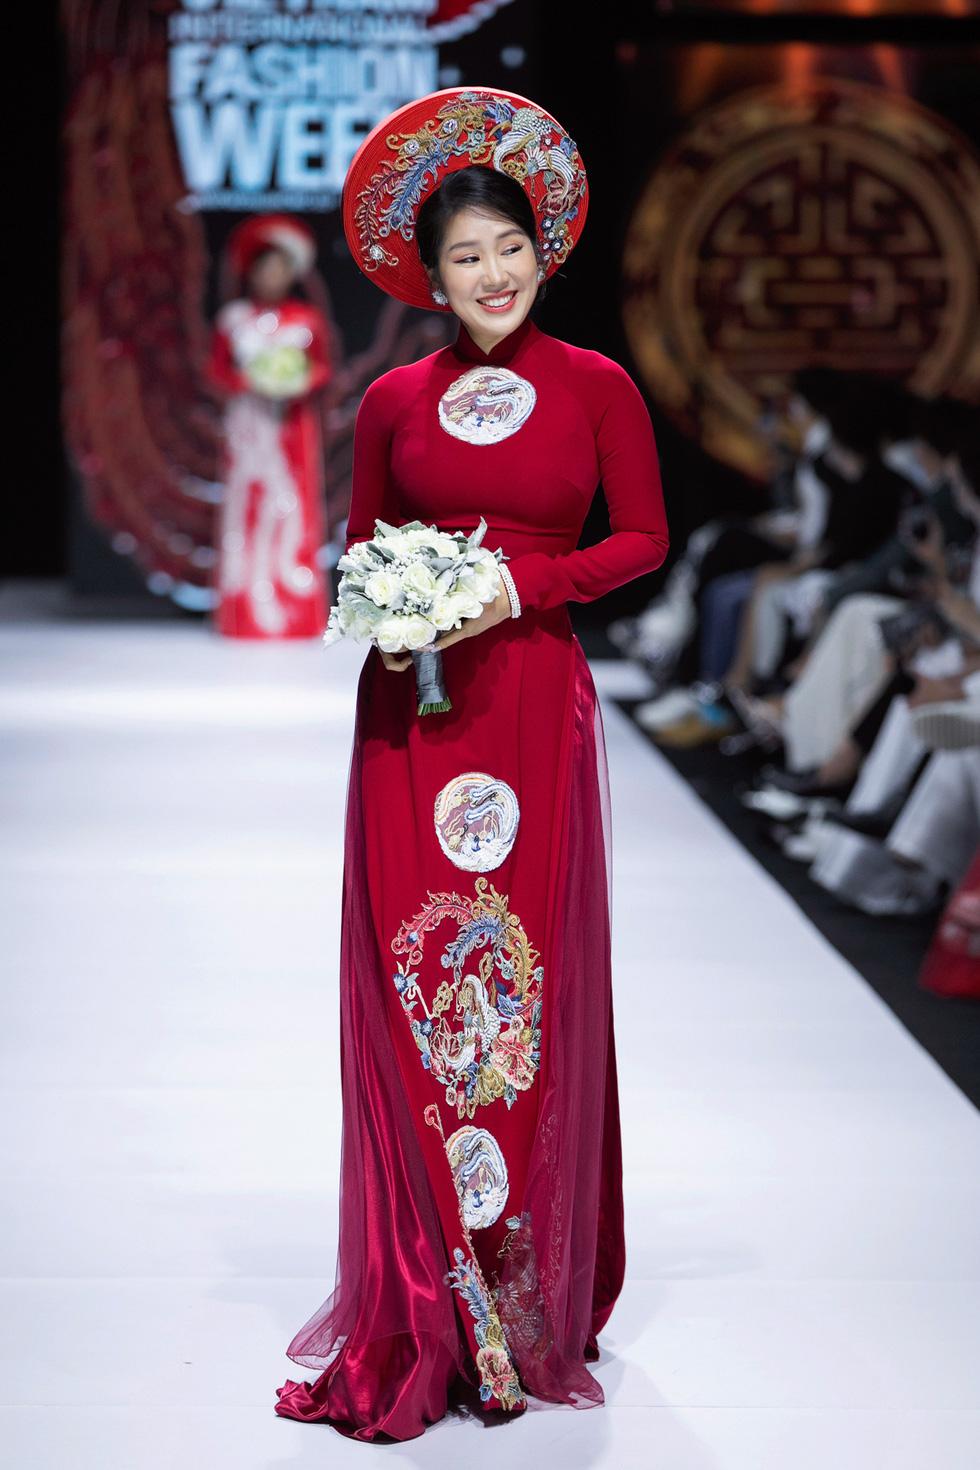 Hoa hậu Khánh Vân làm vedette, NSND Hồng Vân làm người mẫu catwalk cho nhà thiết kế Minh Châu - Ảnh 5.